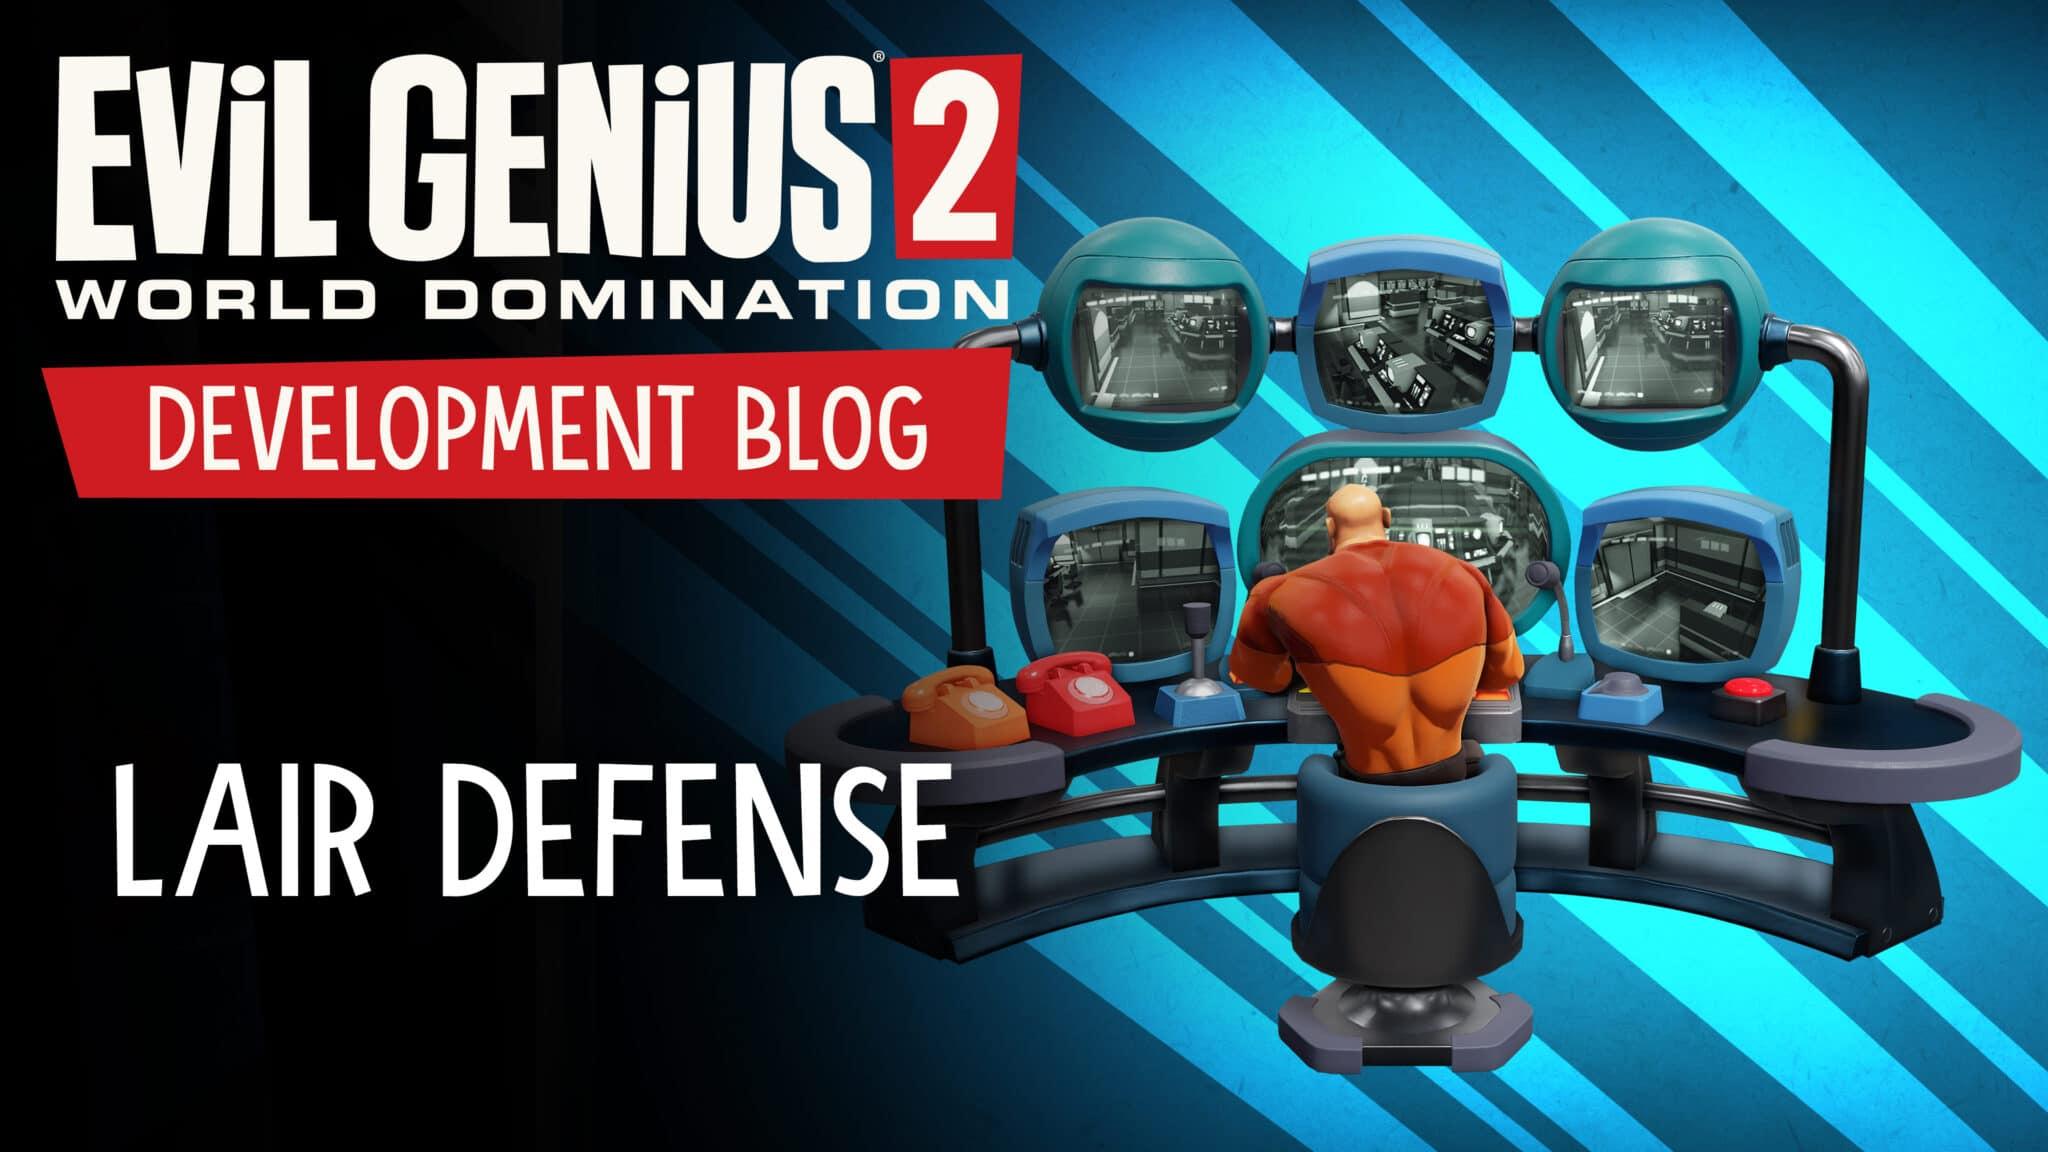 Evil Genius 2 Lair Defense